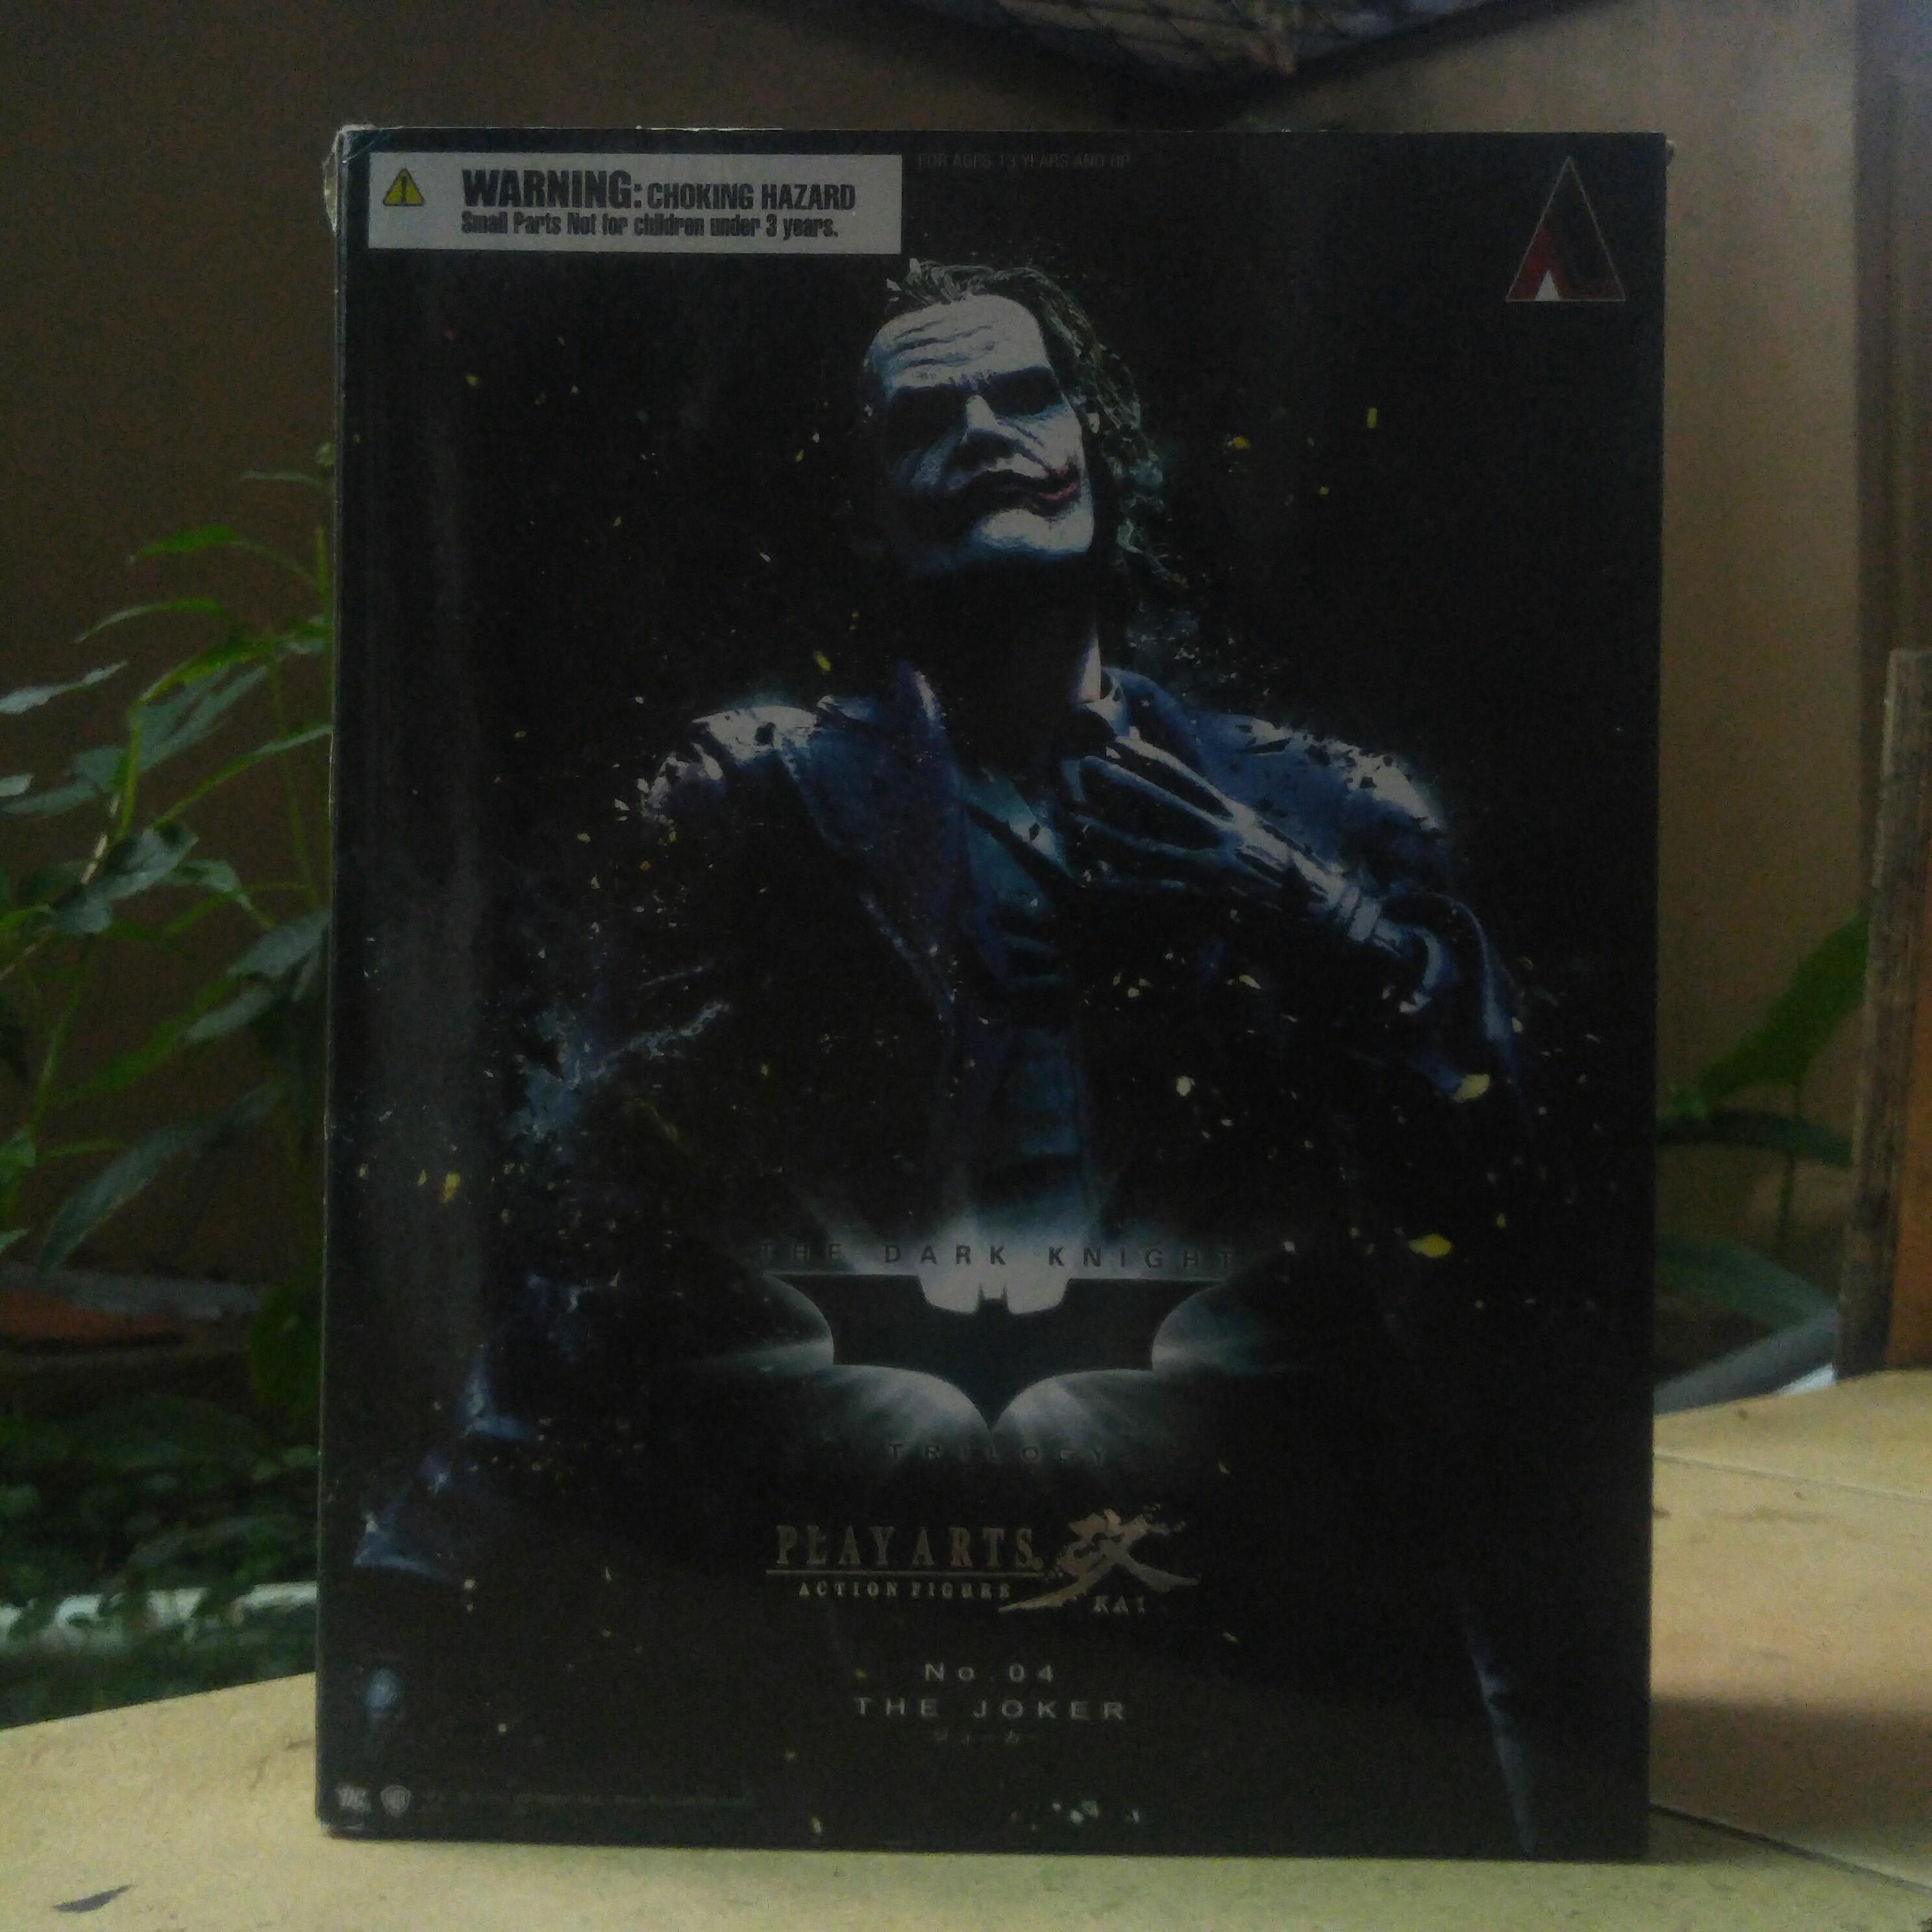 Play Arts Kai The Joker - The Dark Knight Trilogy (Bootleg)